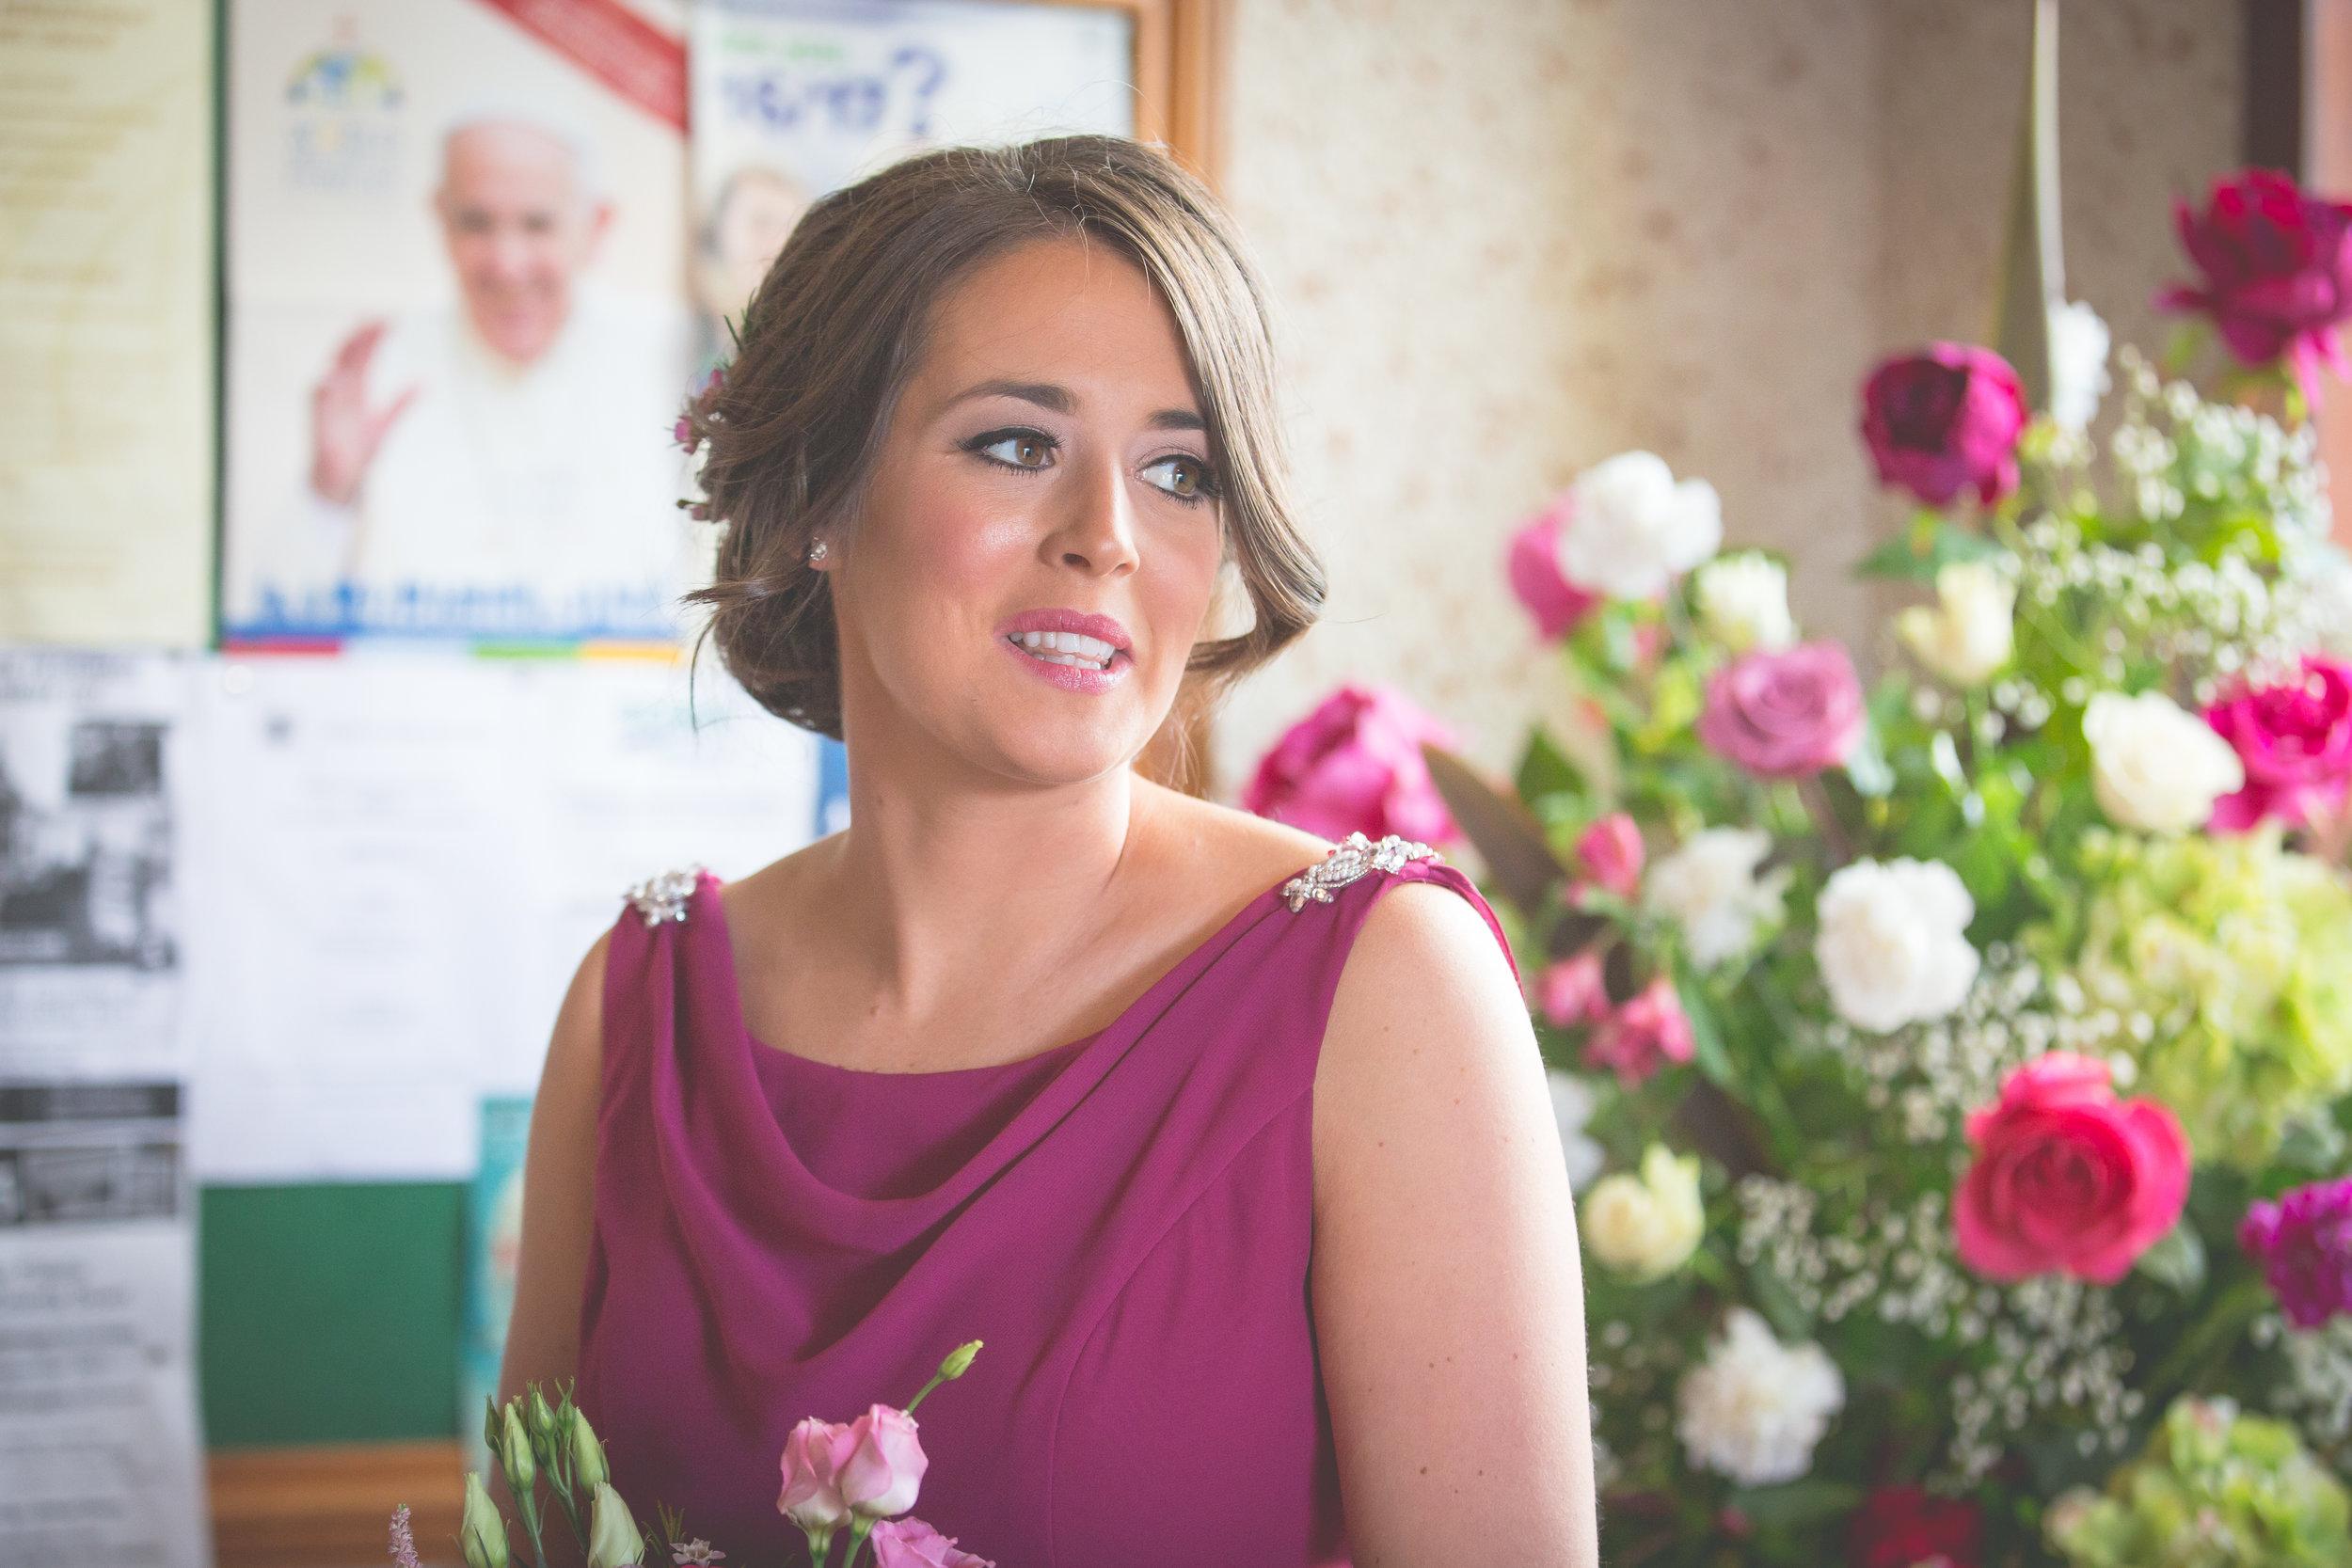 Brian McEwan Wedding Photography   Carol-Anne & Sean   The Ceremony-8.jpg